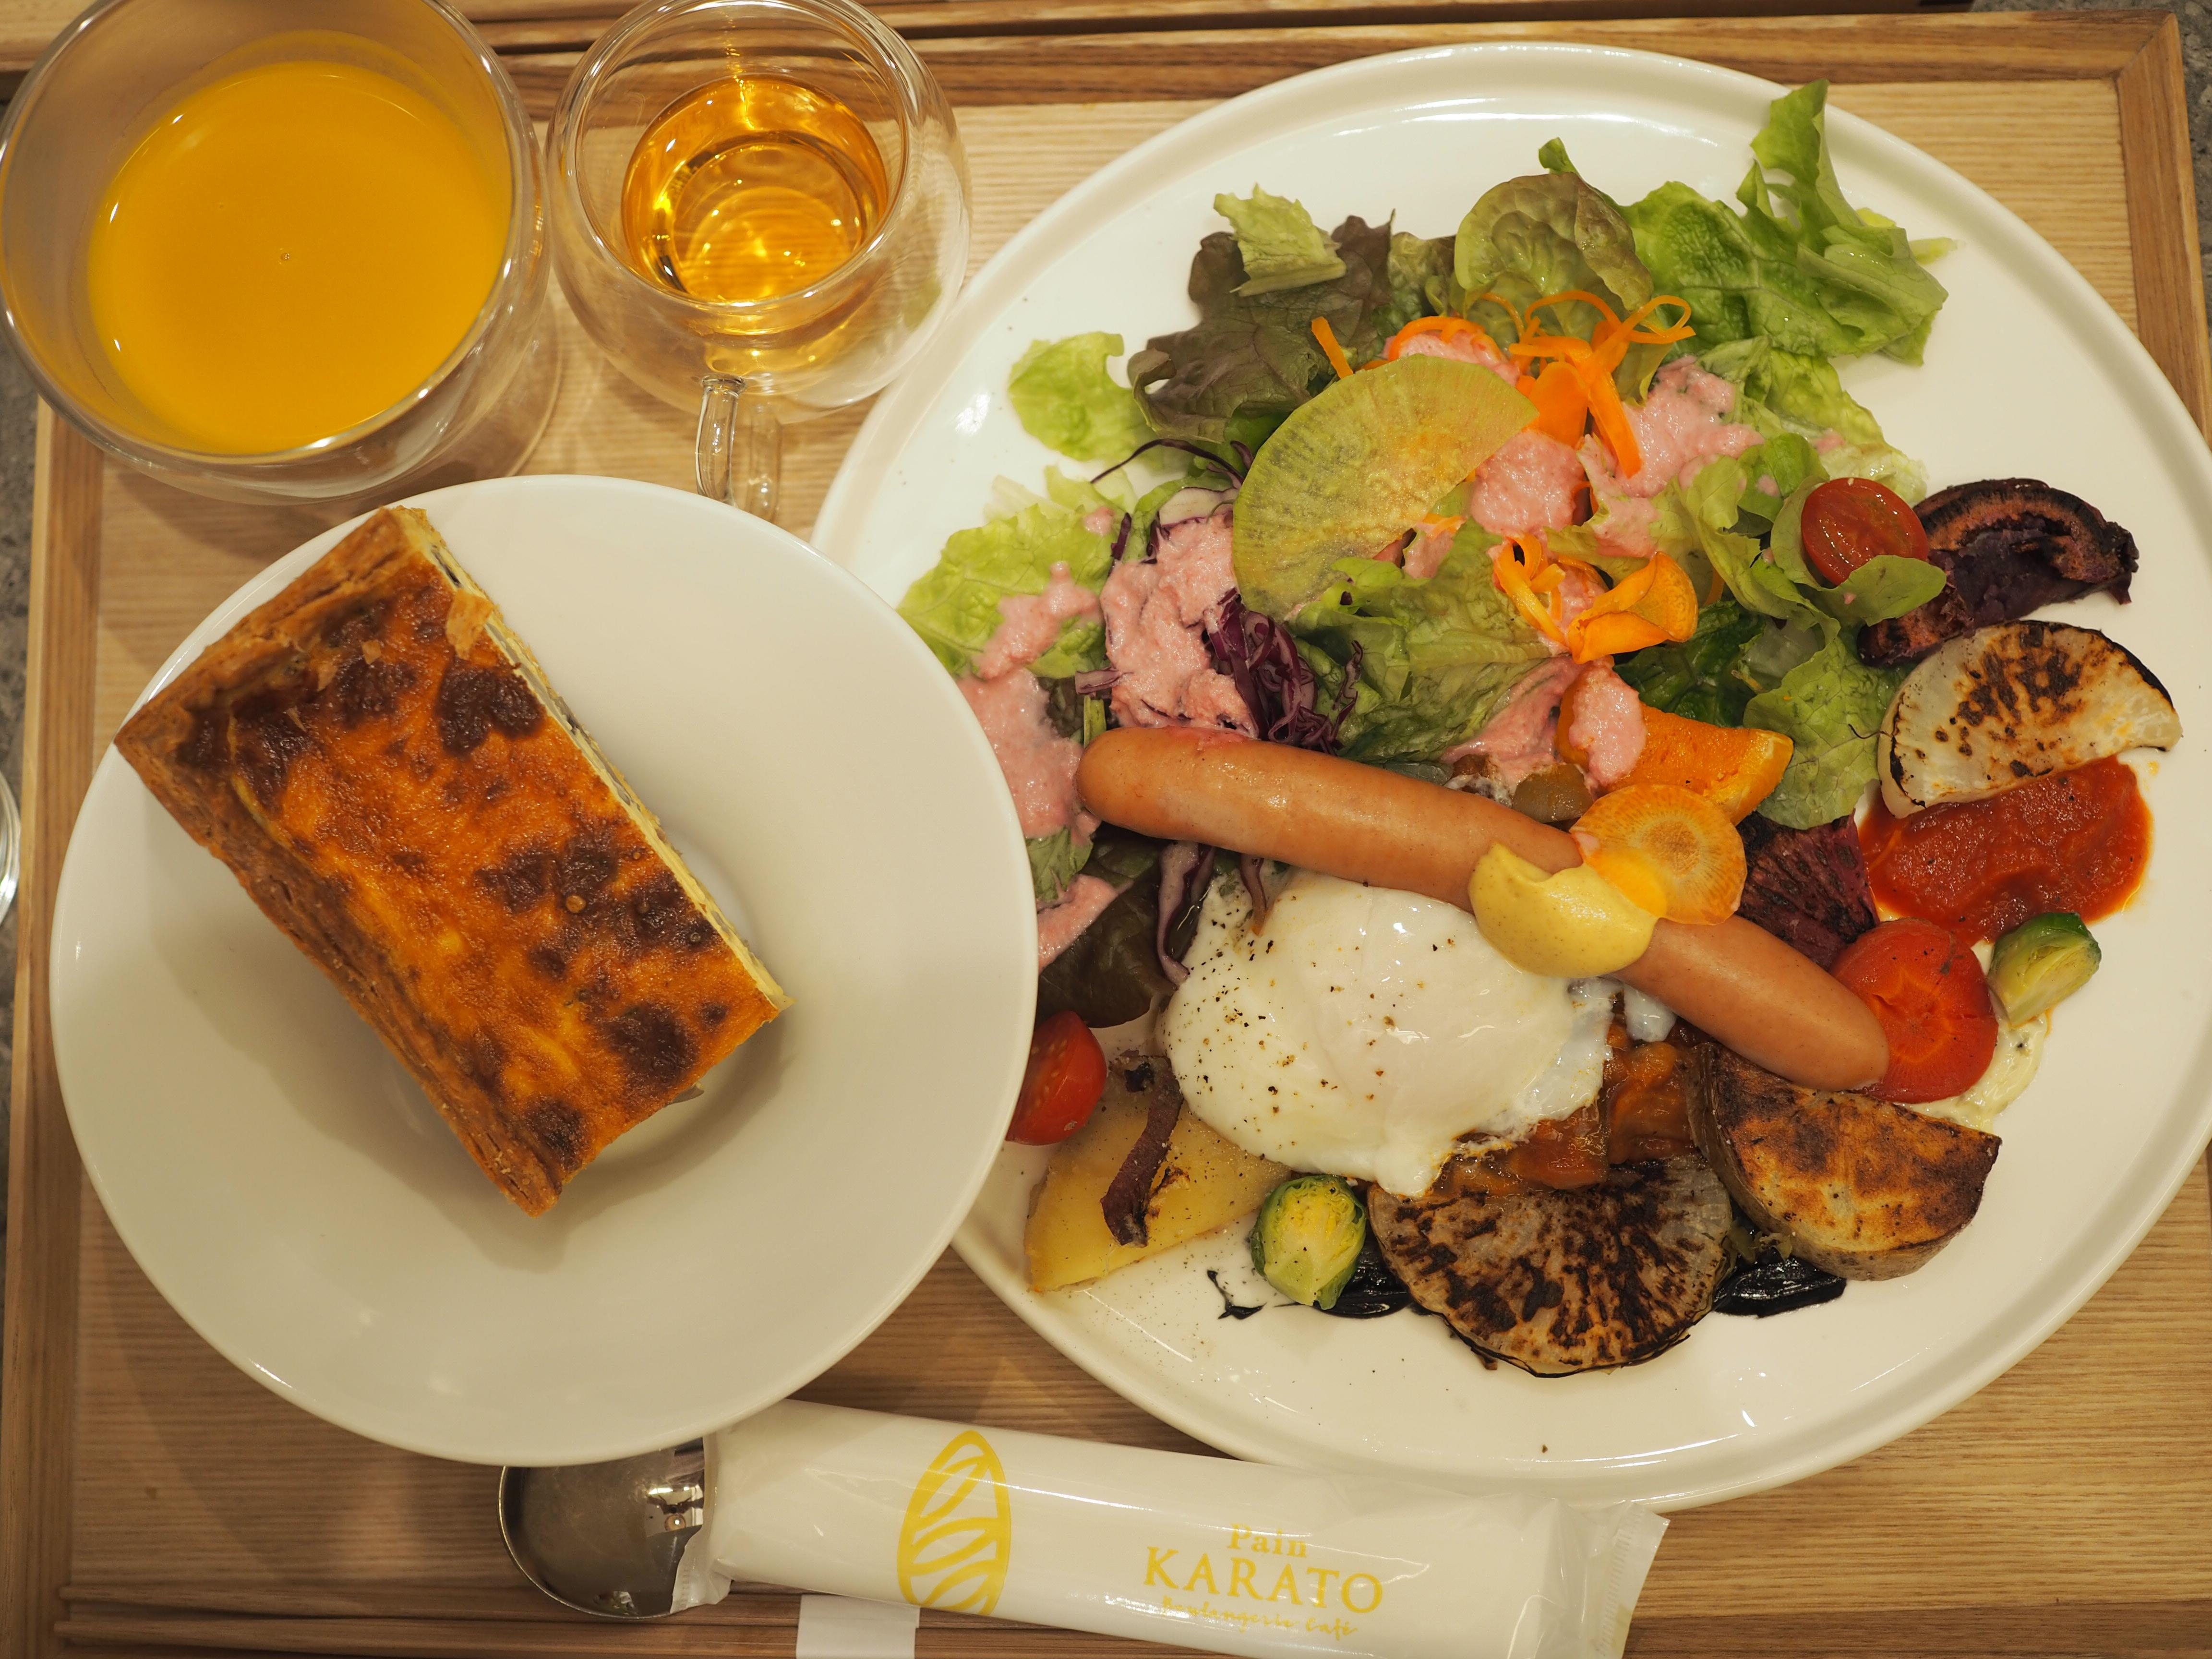 【大阪・北浜】お得♡人気パン屋さんの農園直送野菜たっぷりモーニング